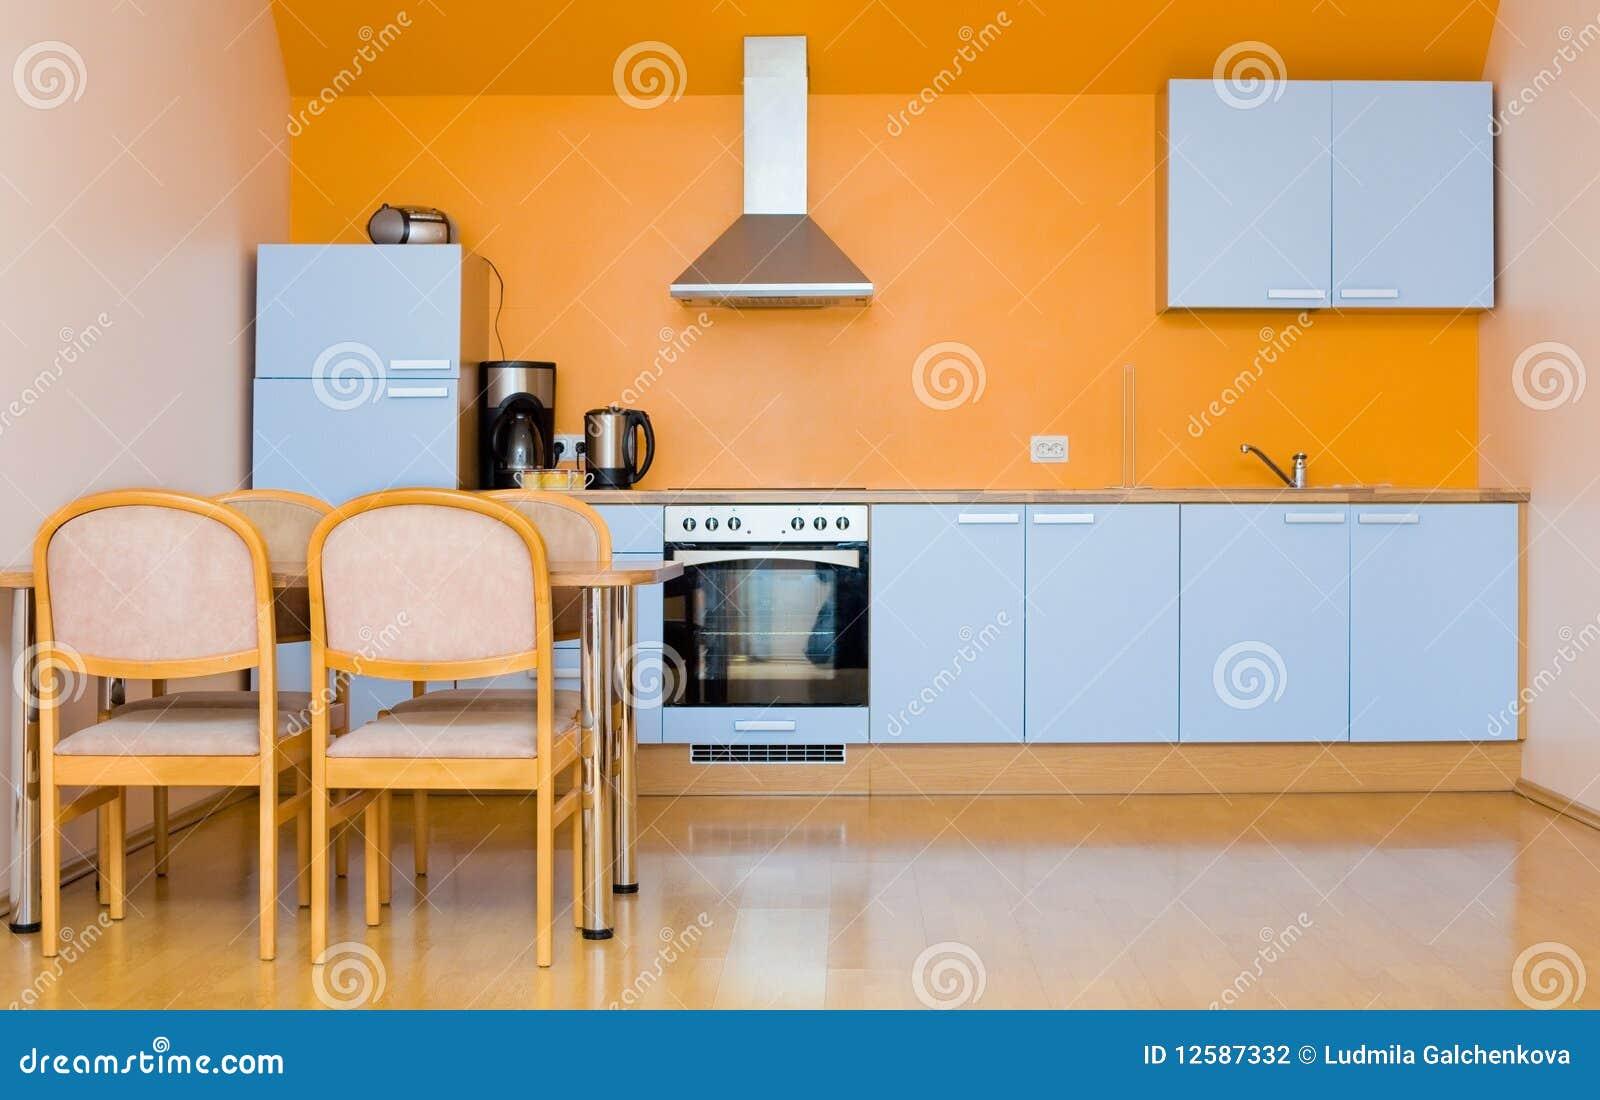 Blauwe Keuken Stock Fotografie - Afbeelding: 12587332